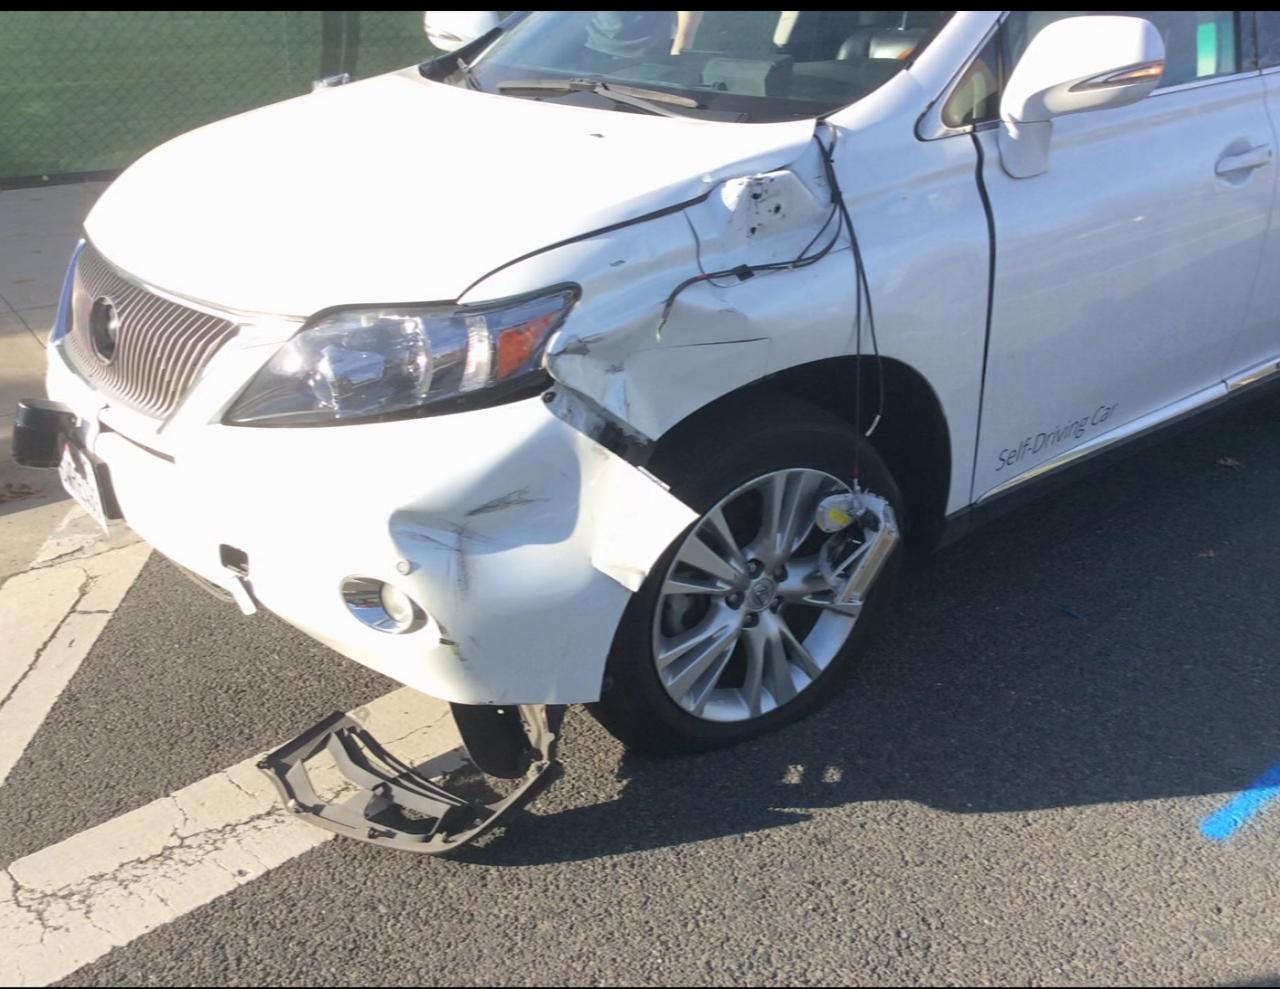 Un video vi porta sulla scena dell'incidente causato dalla self-driving di Google (video)